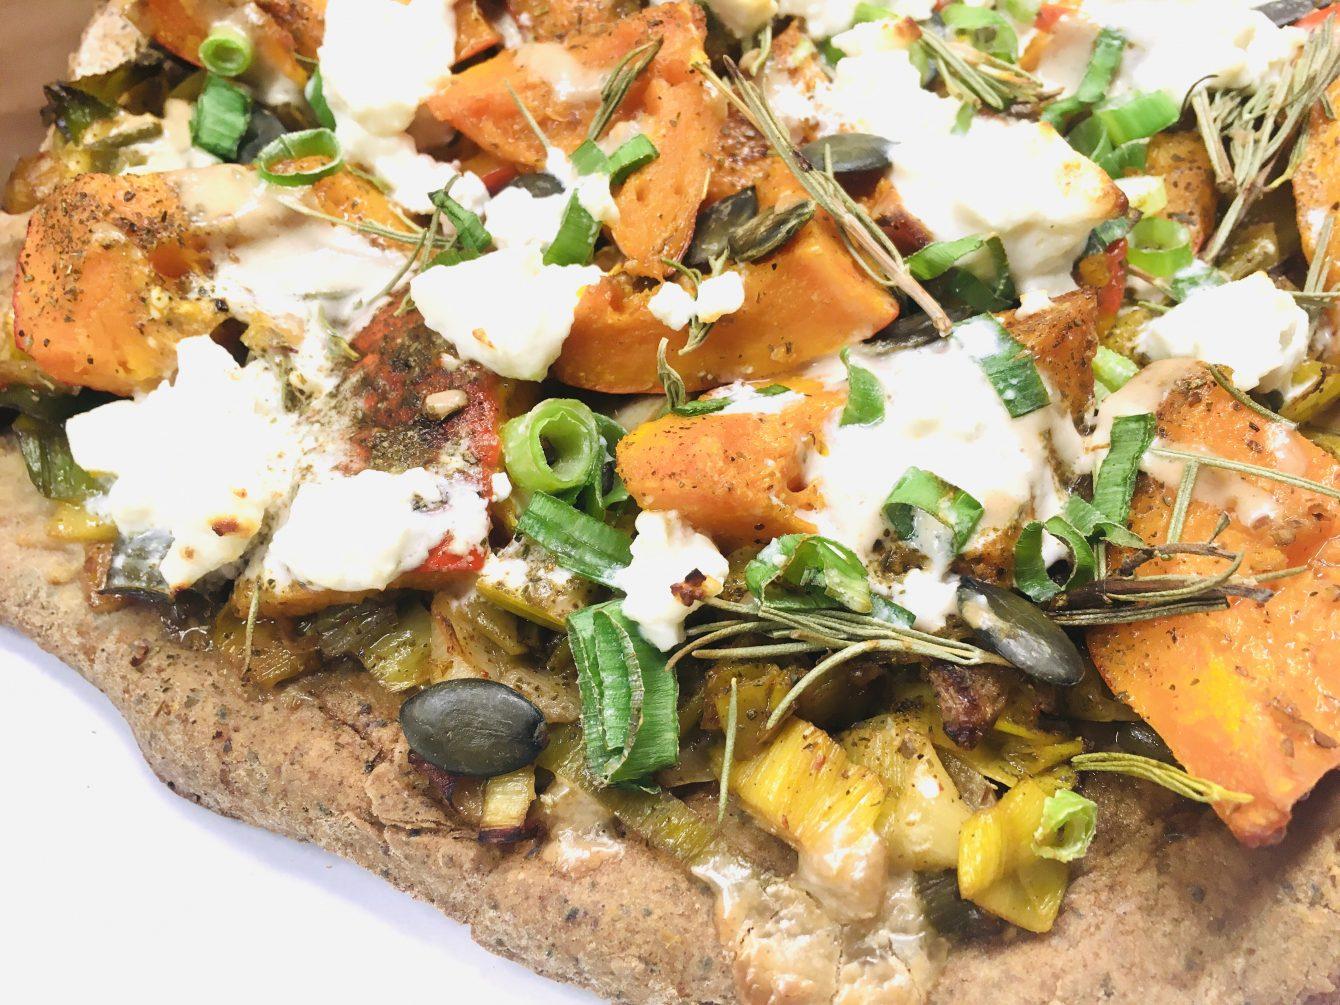 Rustikale Kürbis Lauch Pizza aus Buchweizen-Teig (glutenfrei)